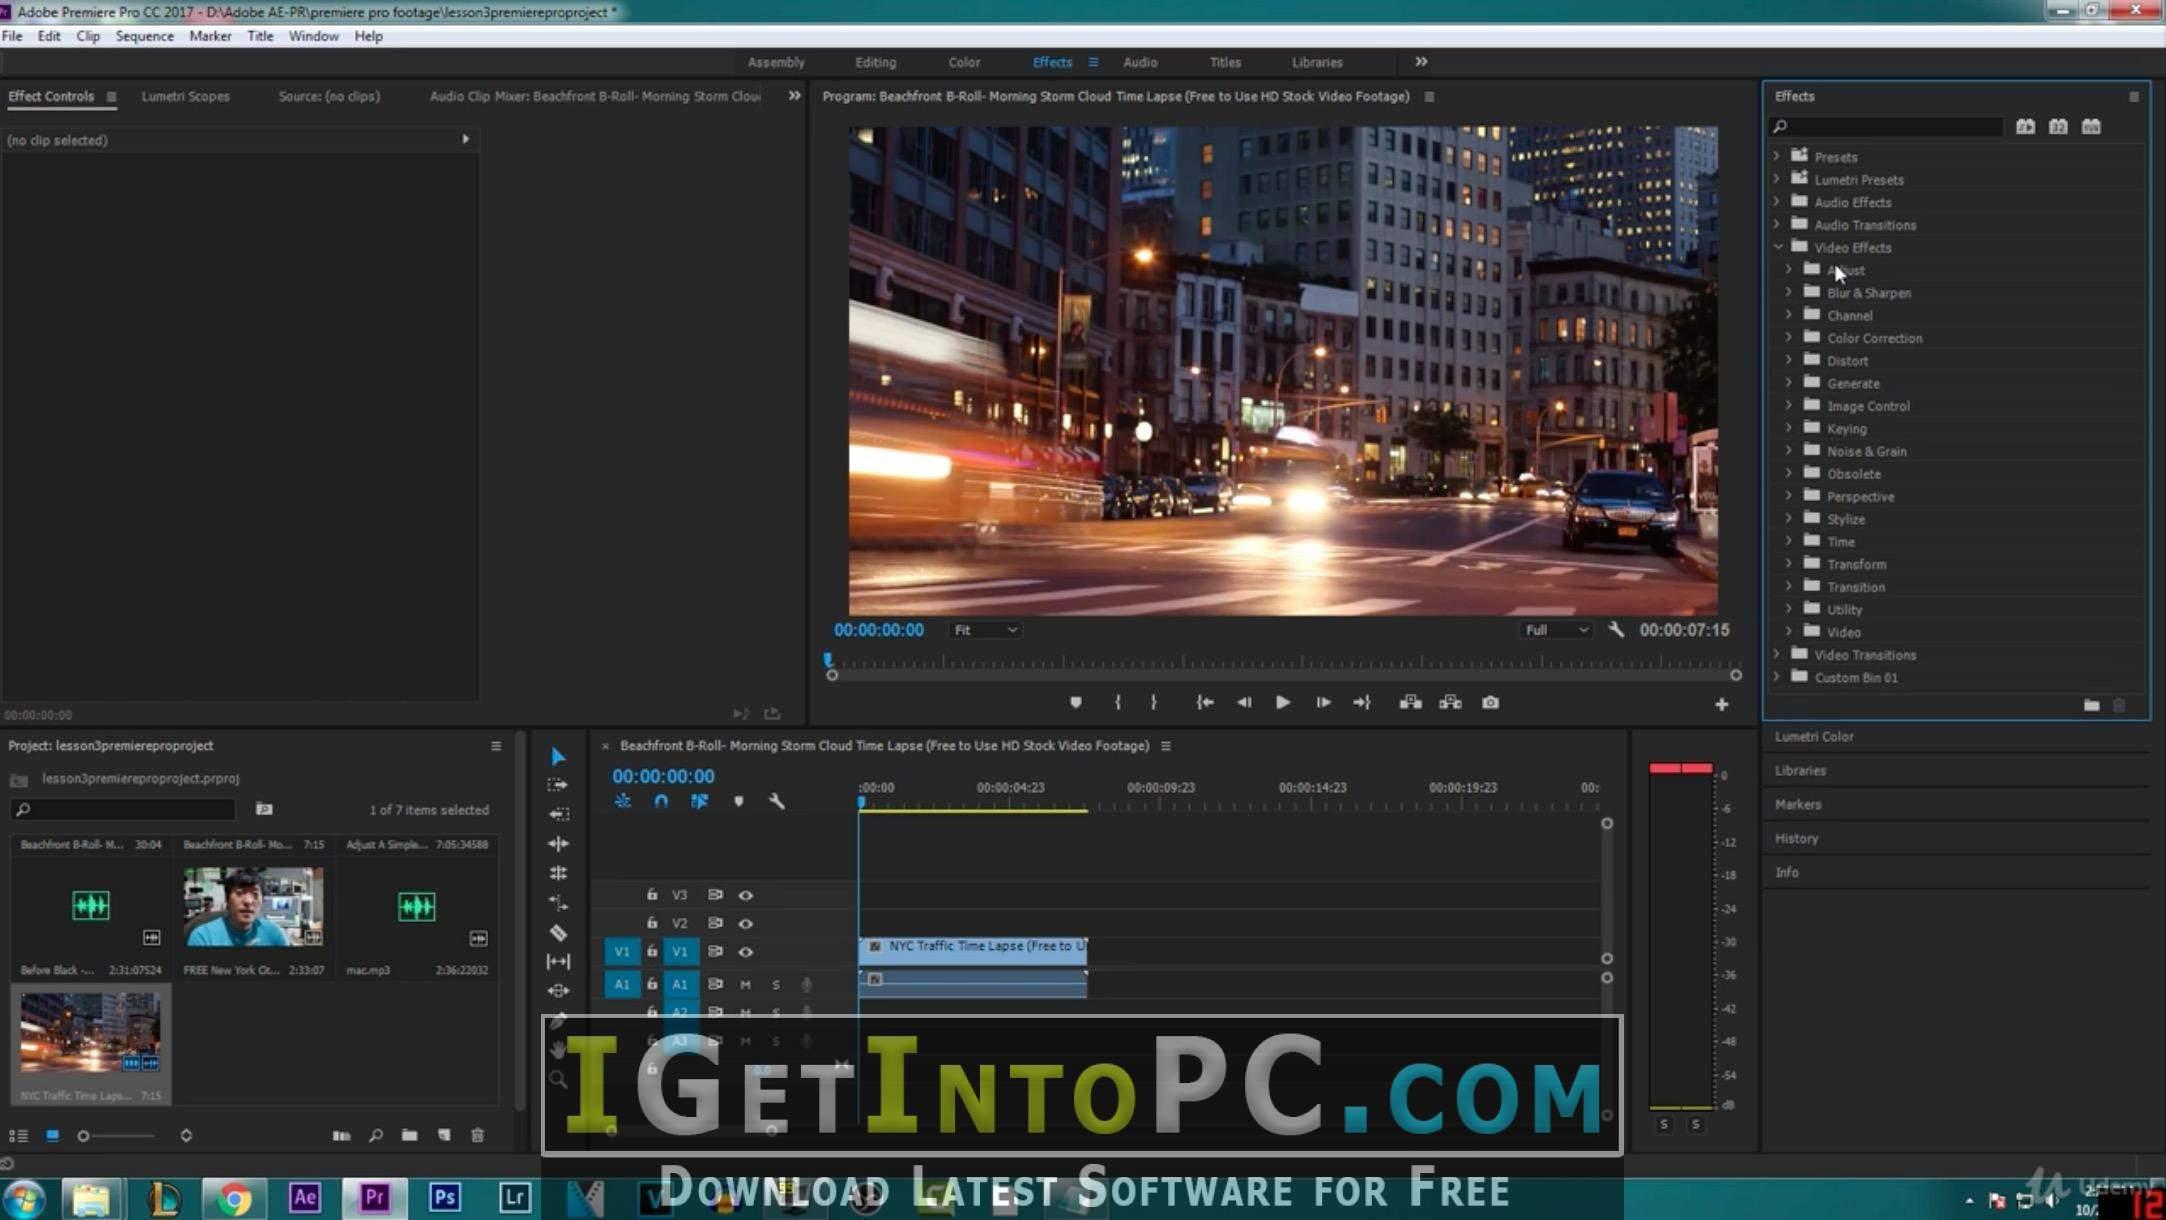 adobe premiere pro cc 121 1 download